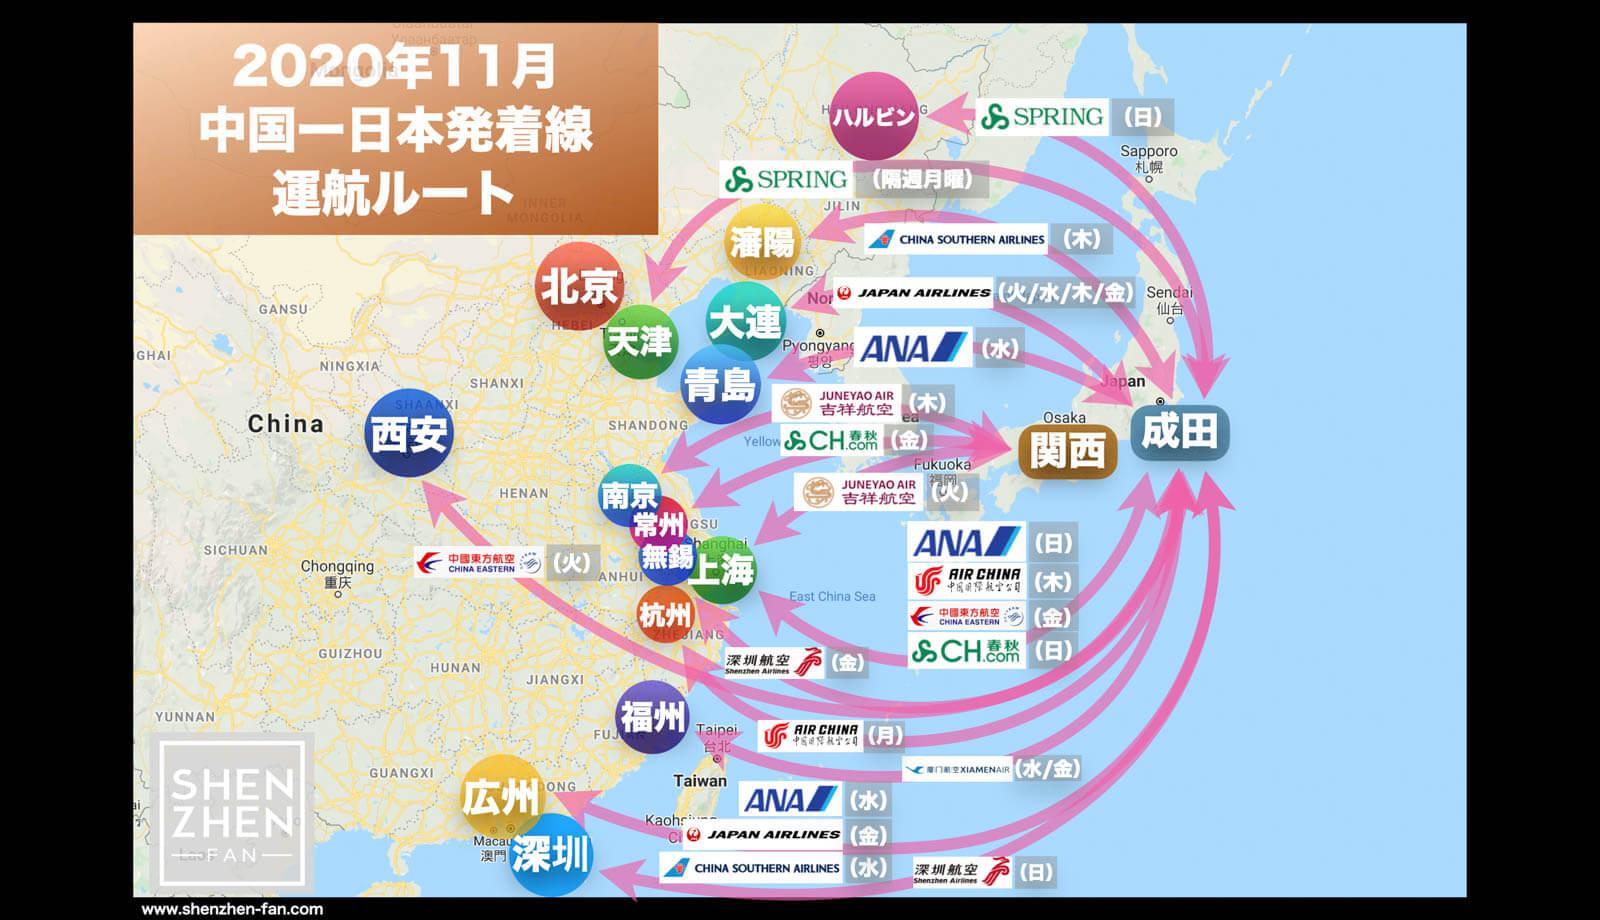 (11/13 追記)【2020年11月版】中国発着 国際便運航スケジュール・発着ルート